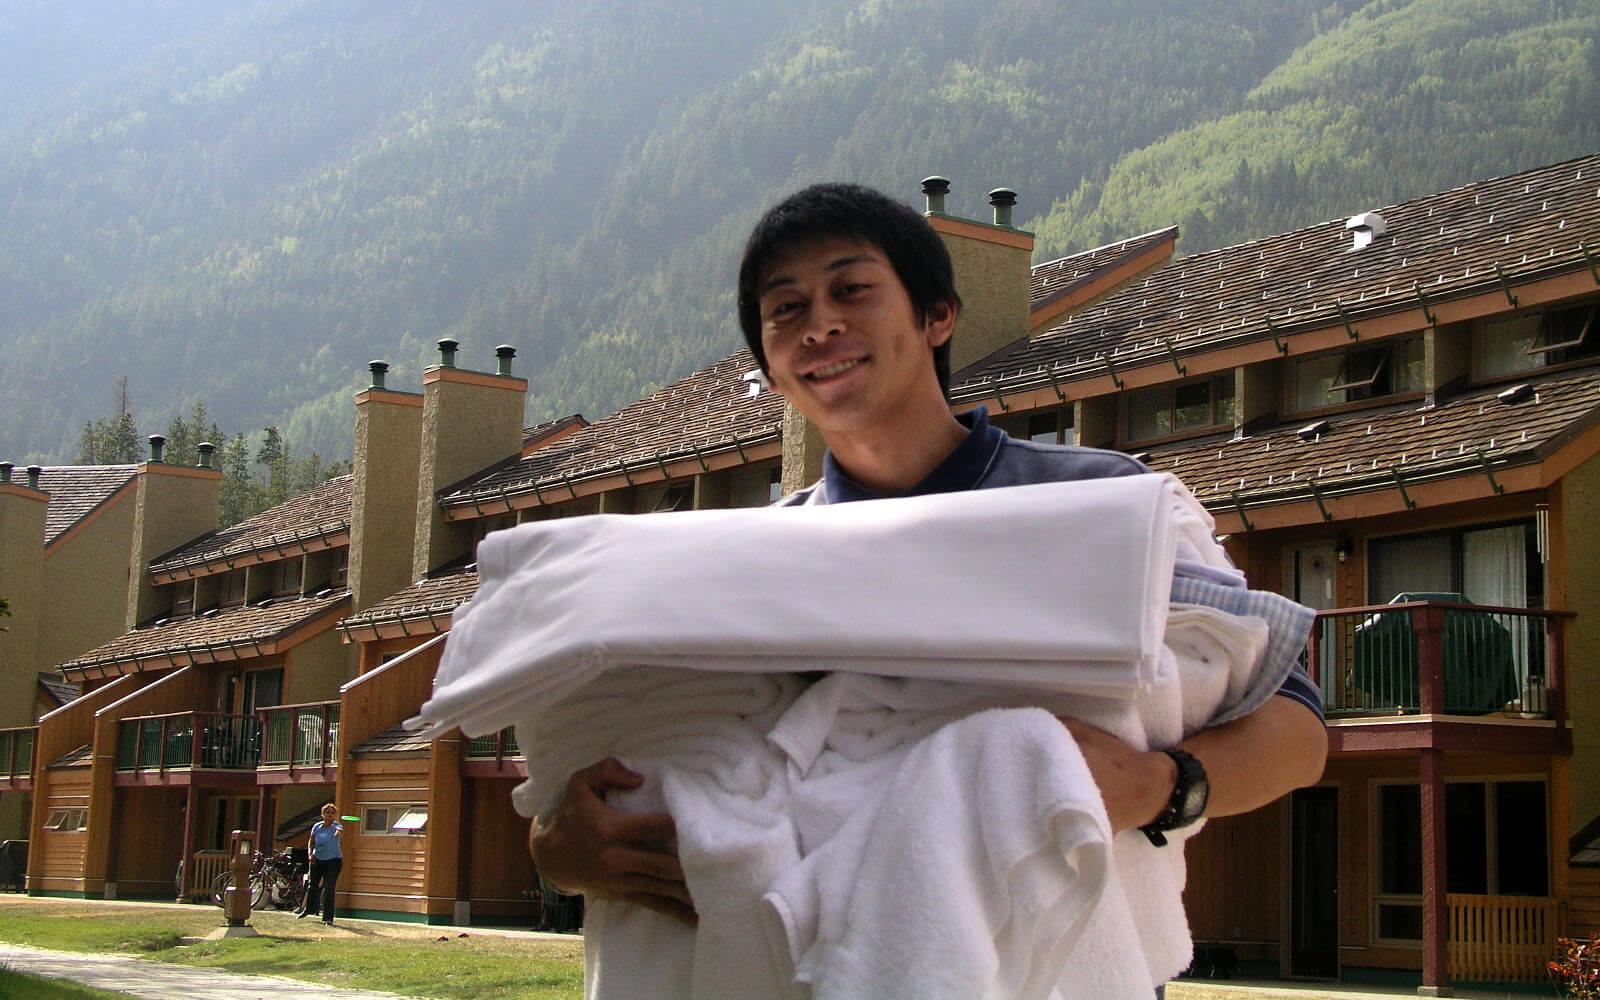 Hotelfachkraft mit Bettwäsche